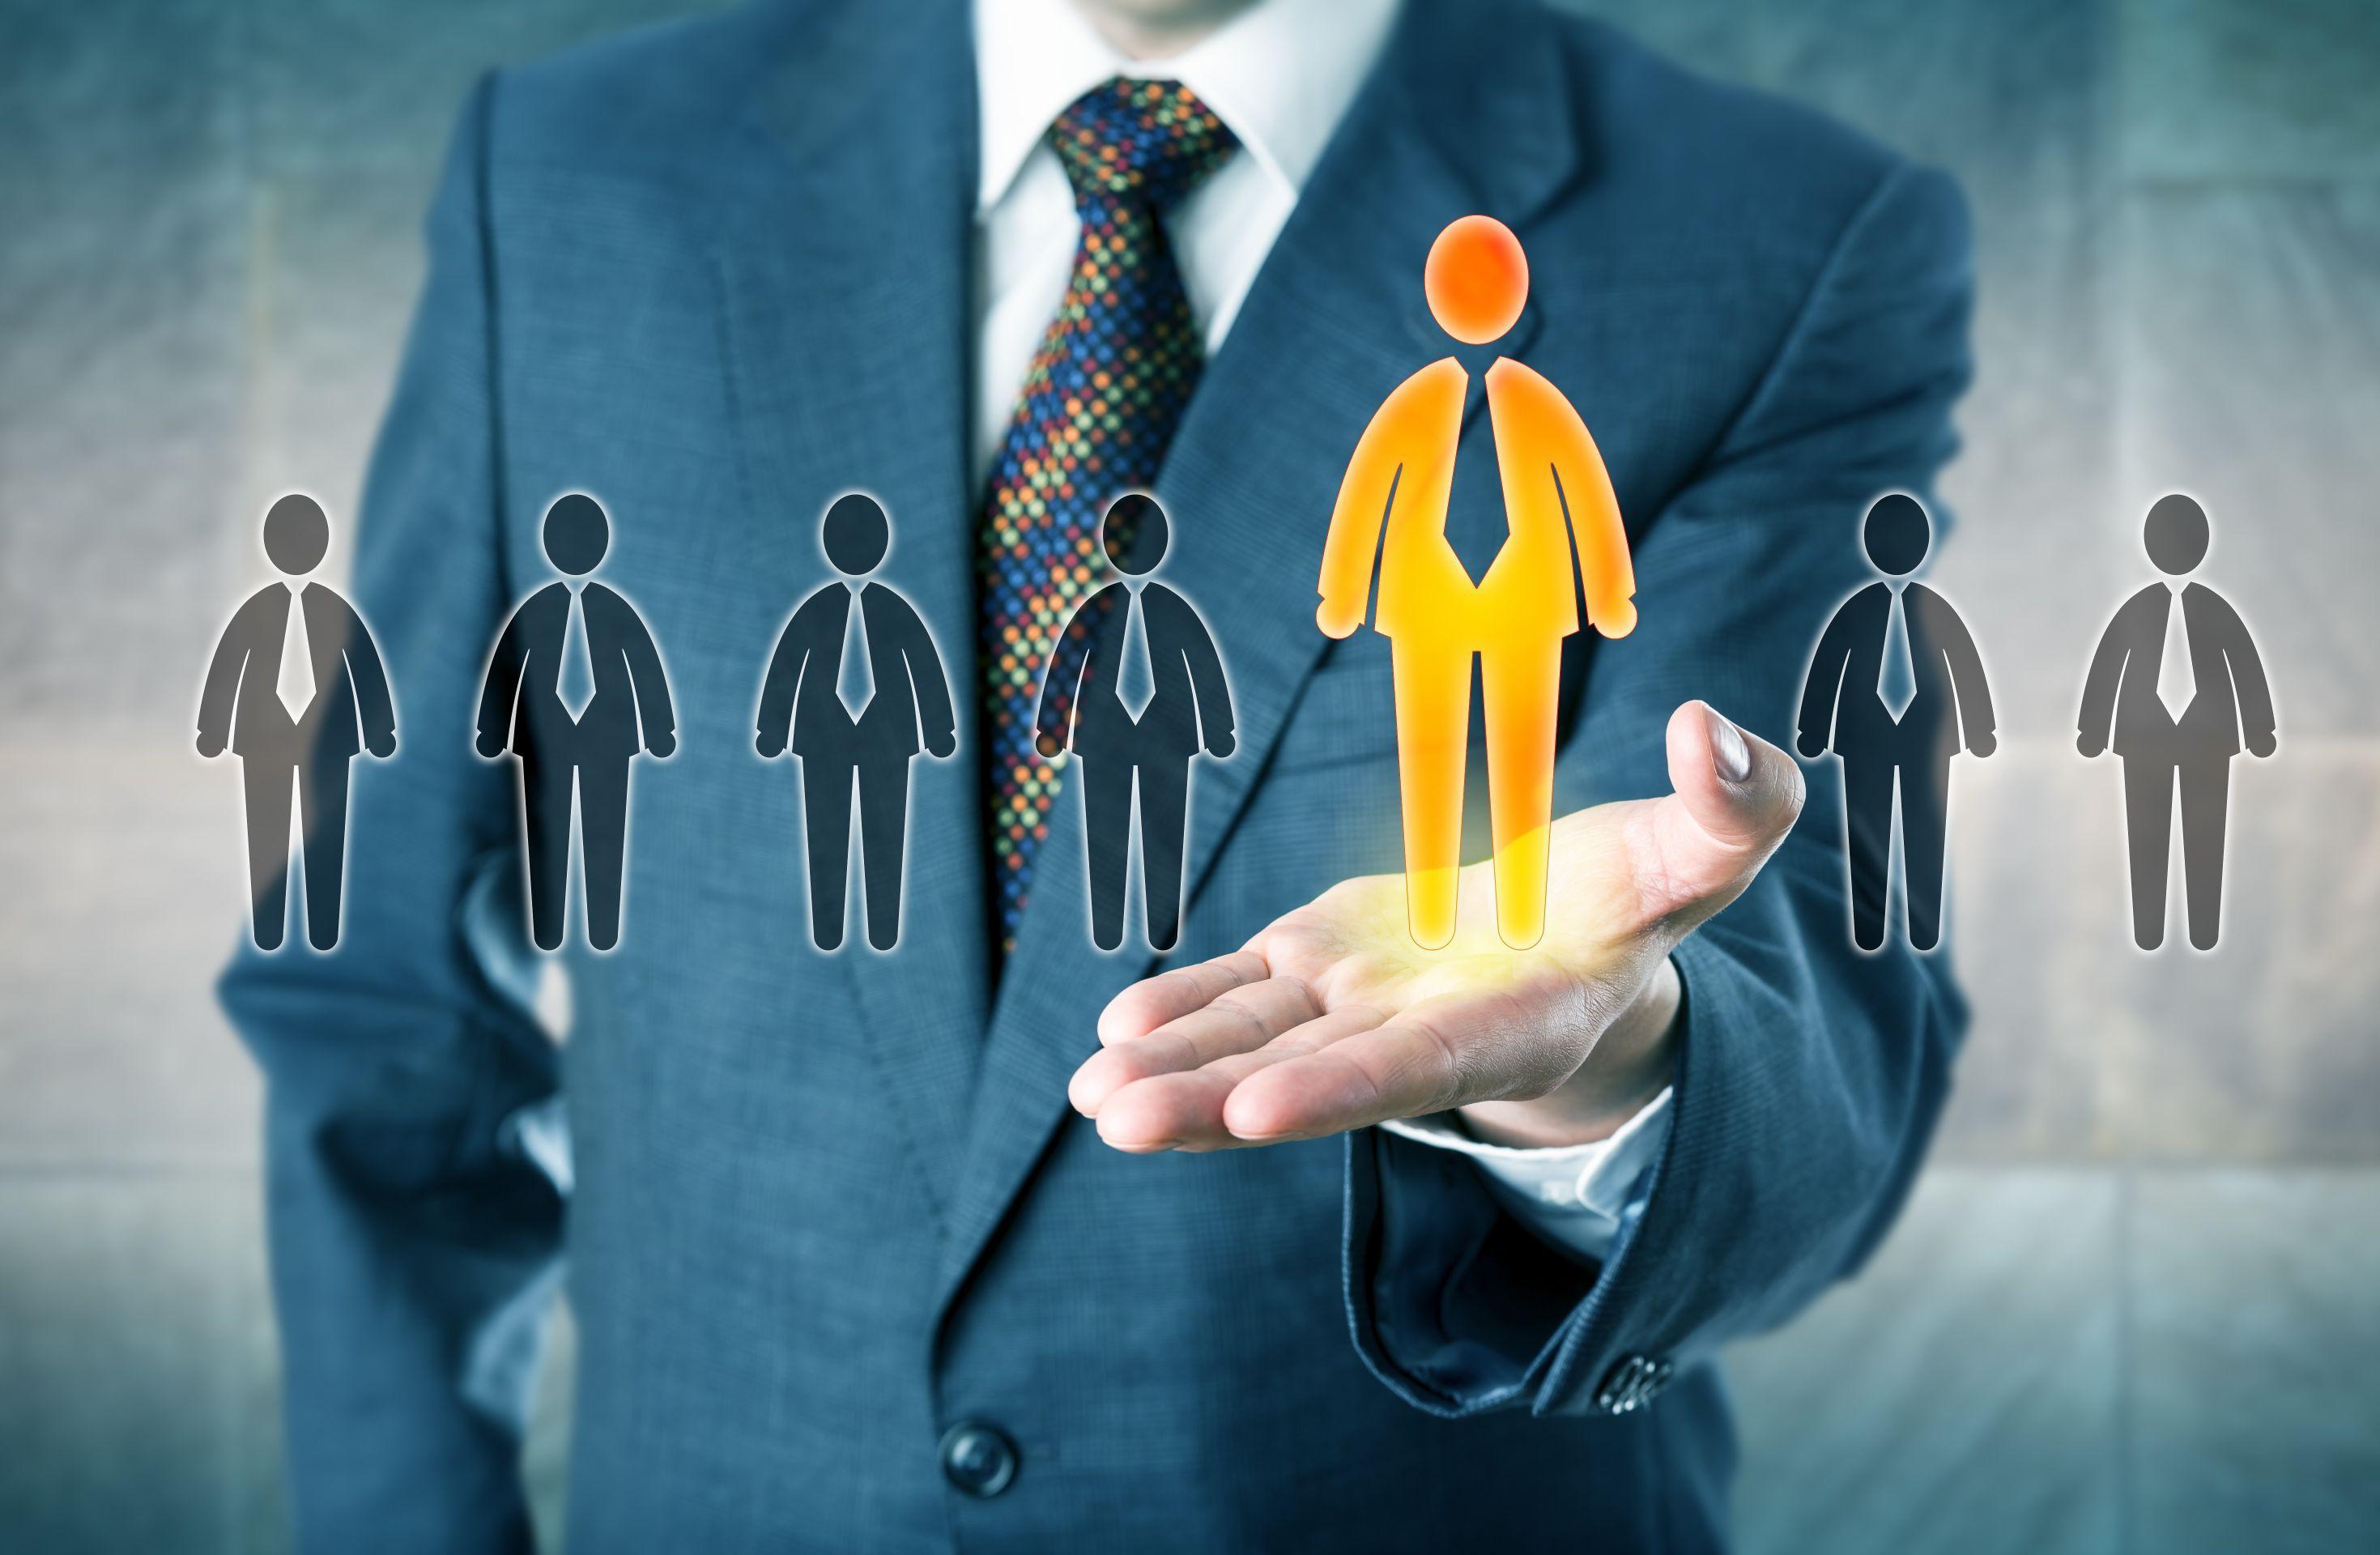 System motywacyjny powinien ewoluować wraz z organizacją (fot. shutterstock)